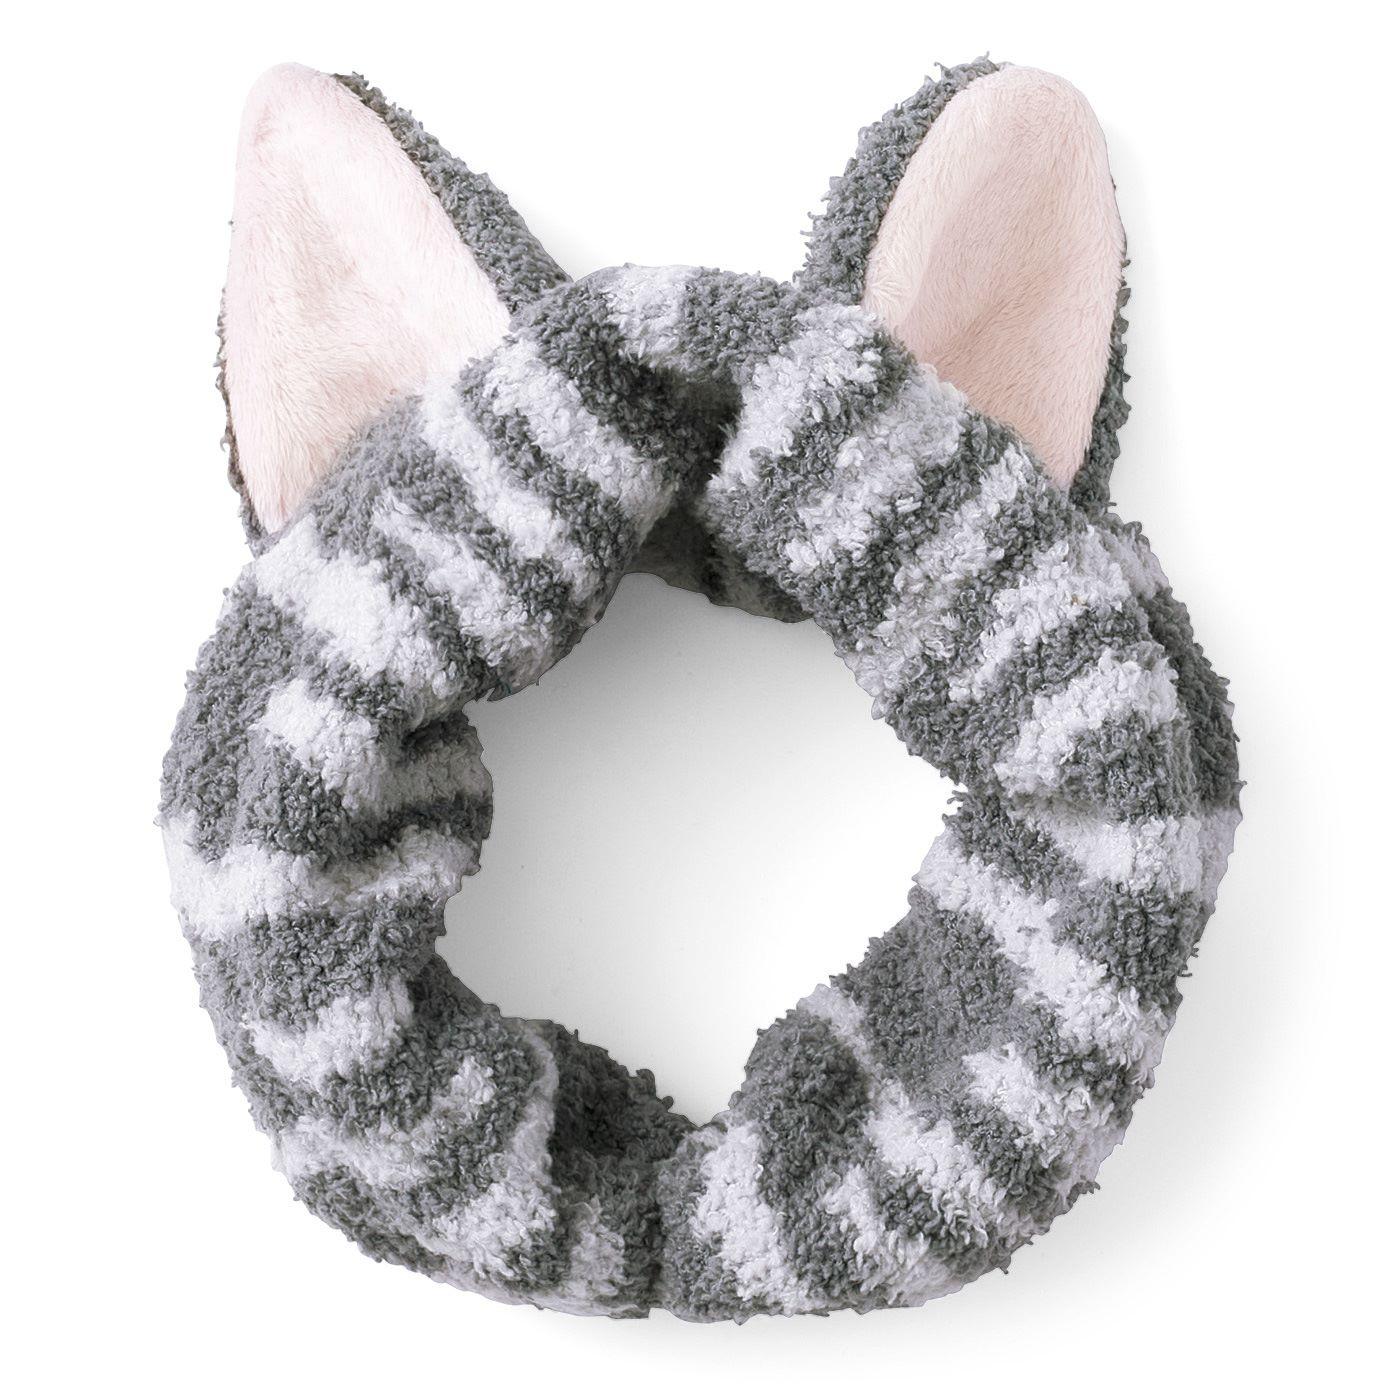 今日は猫の日なので…猫になれちゃう?猫耳ヘアバンド